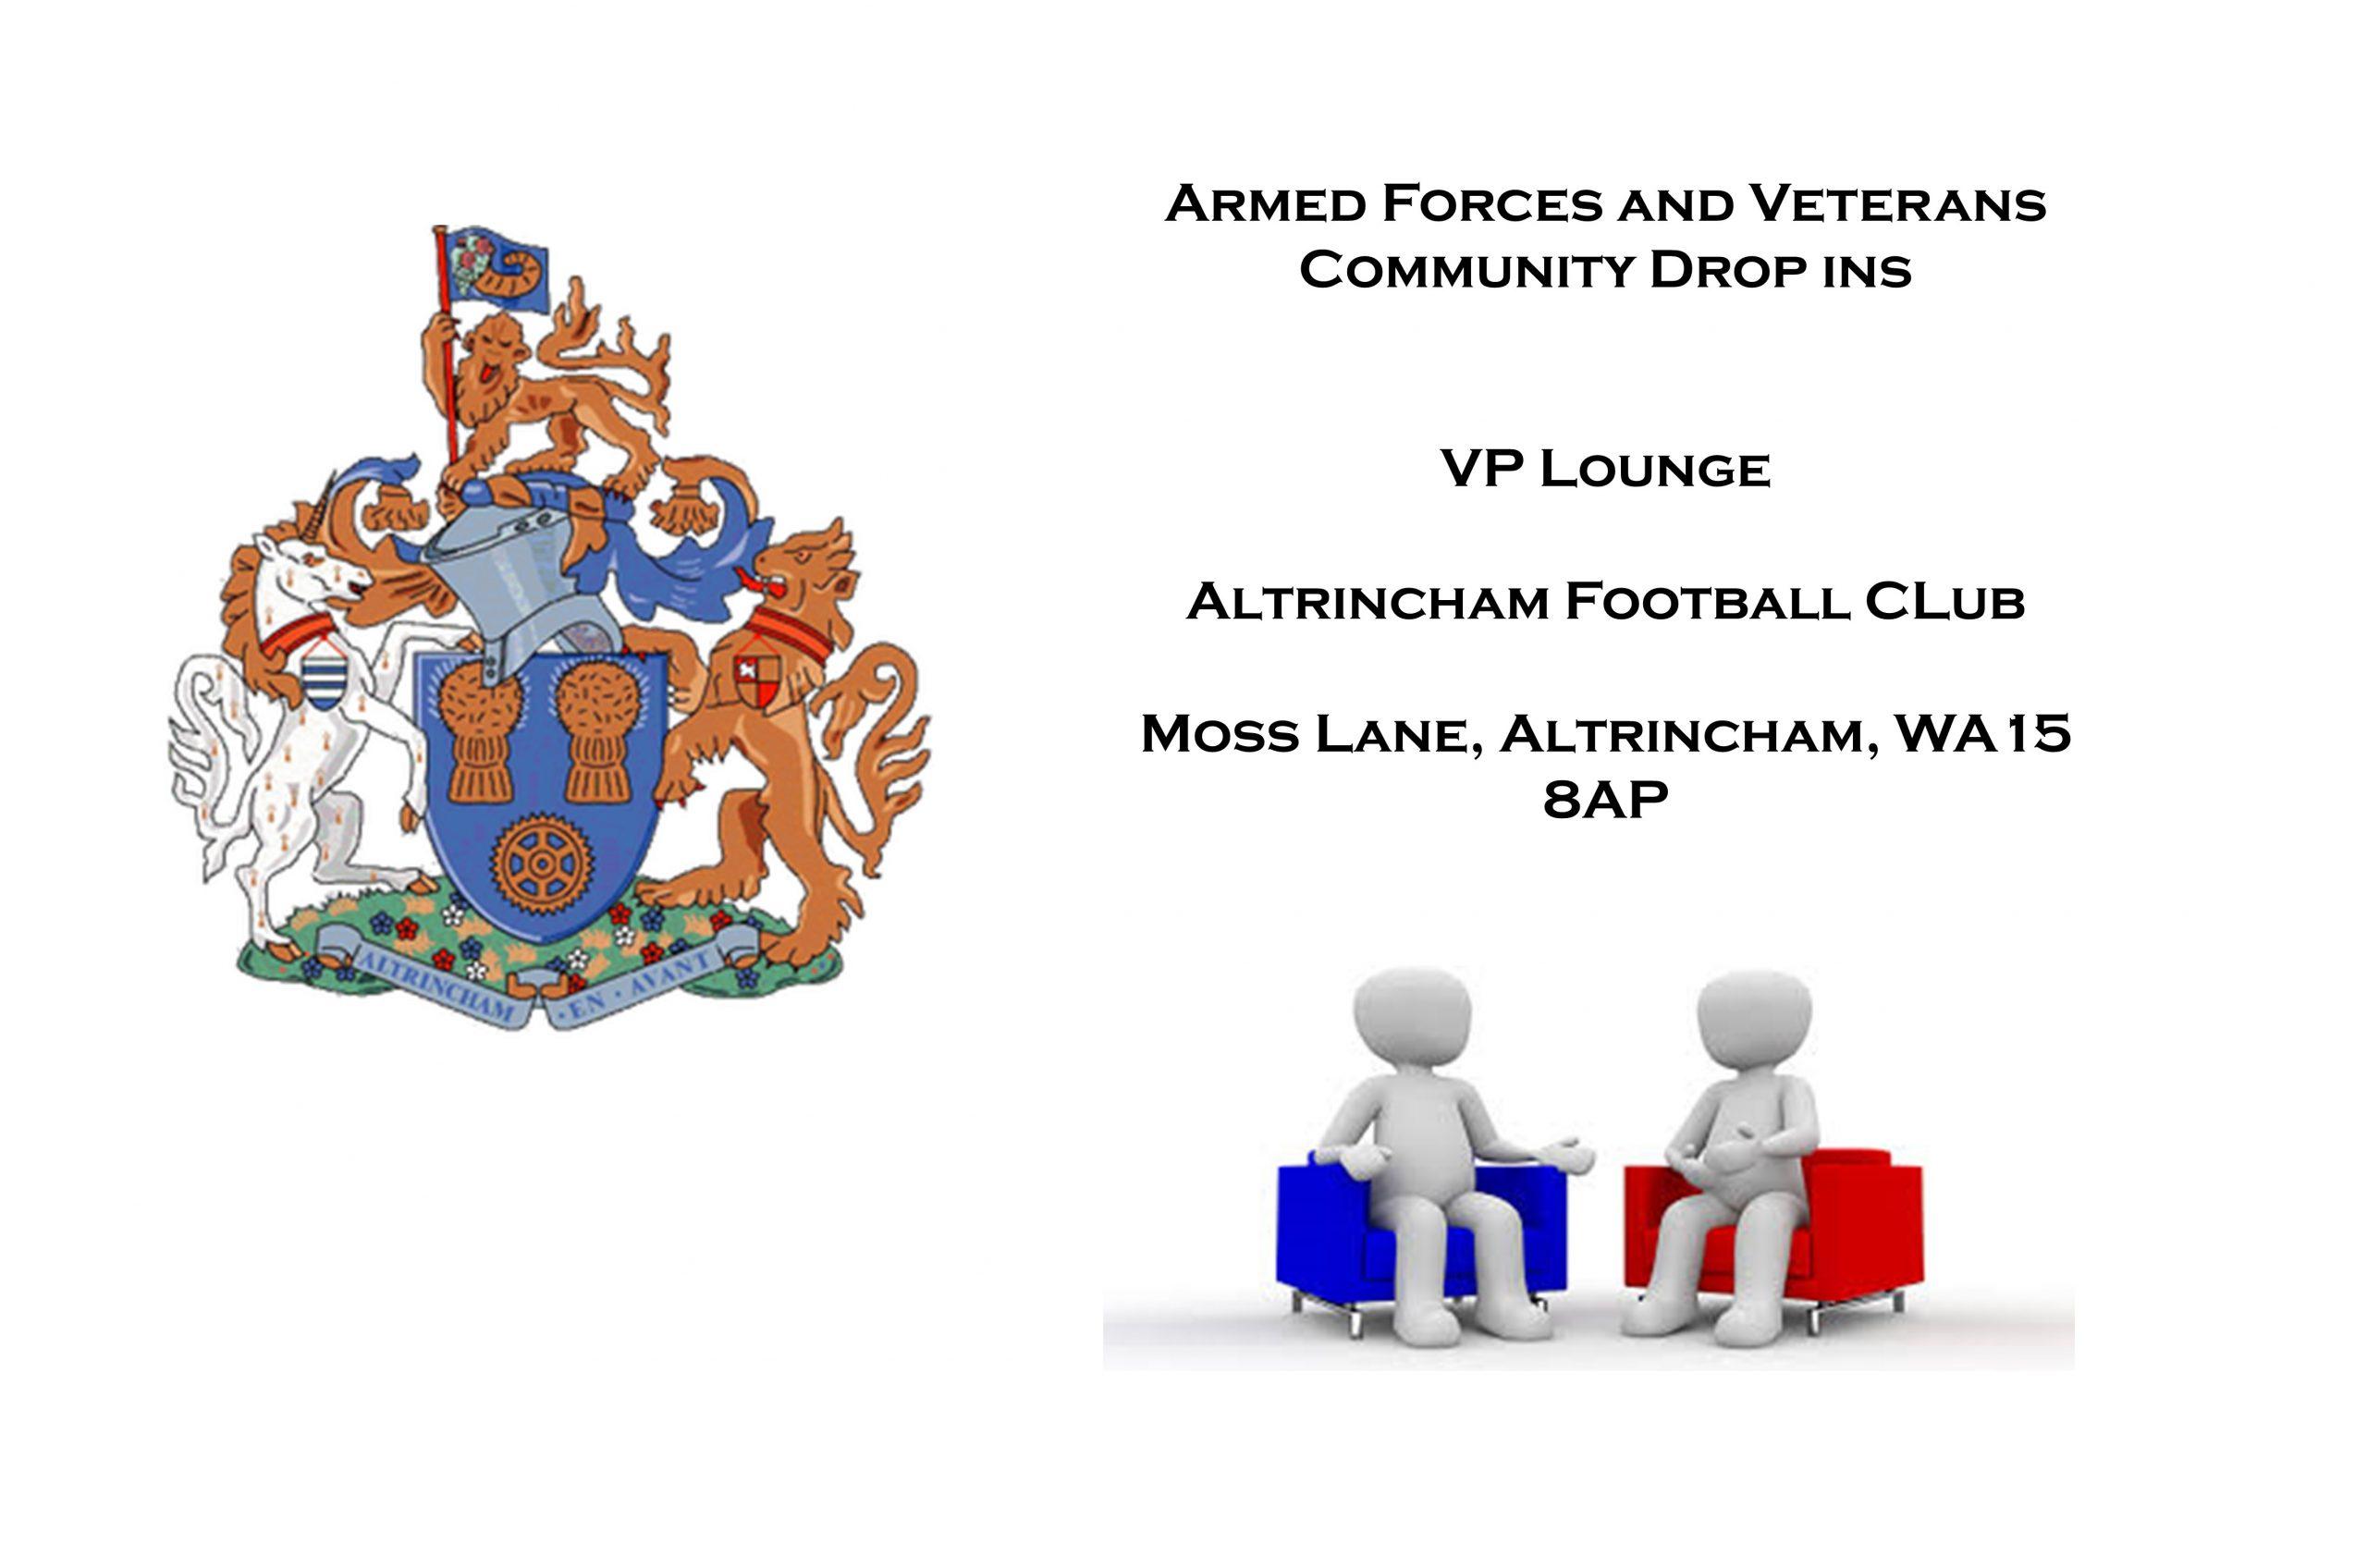 Altrincham FC Drop Ins